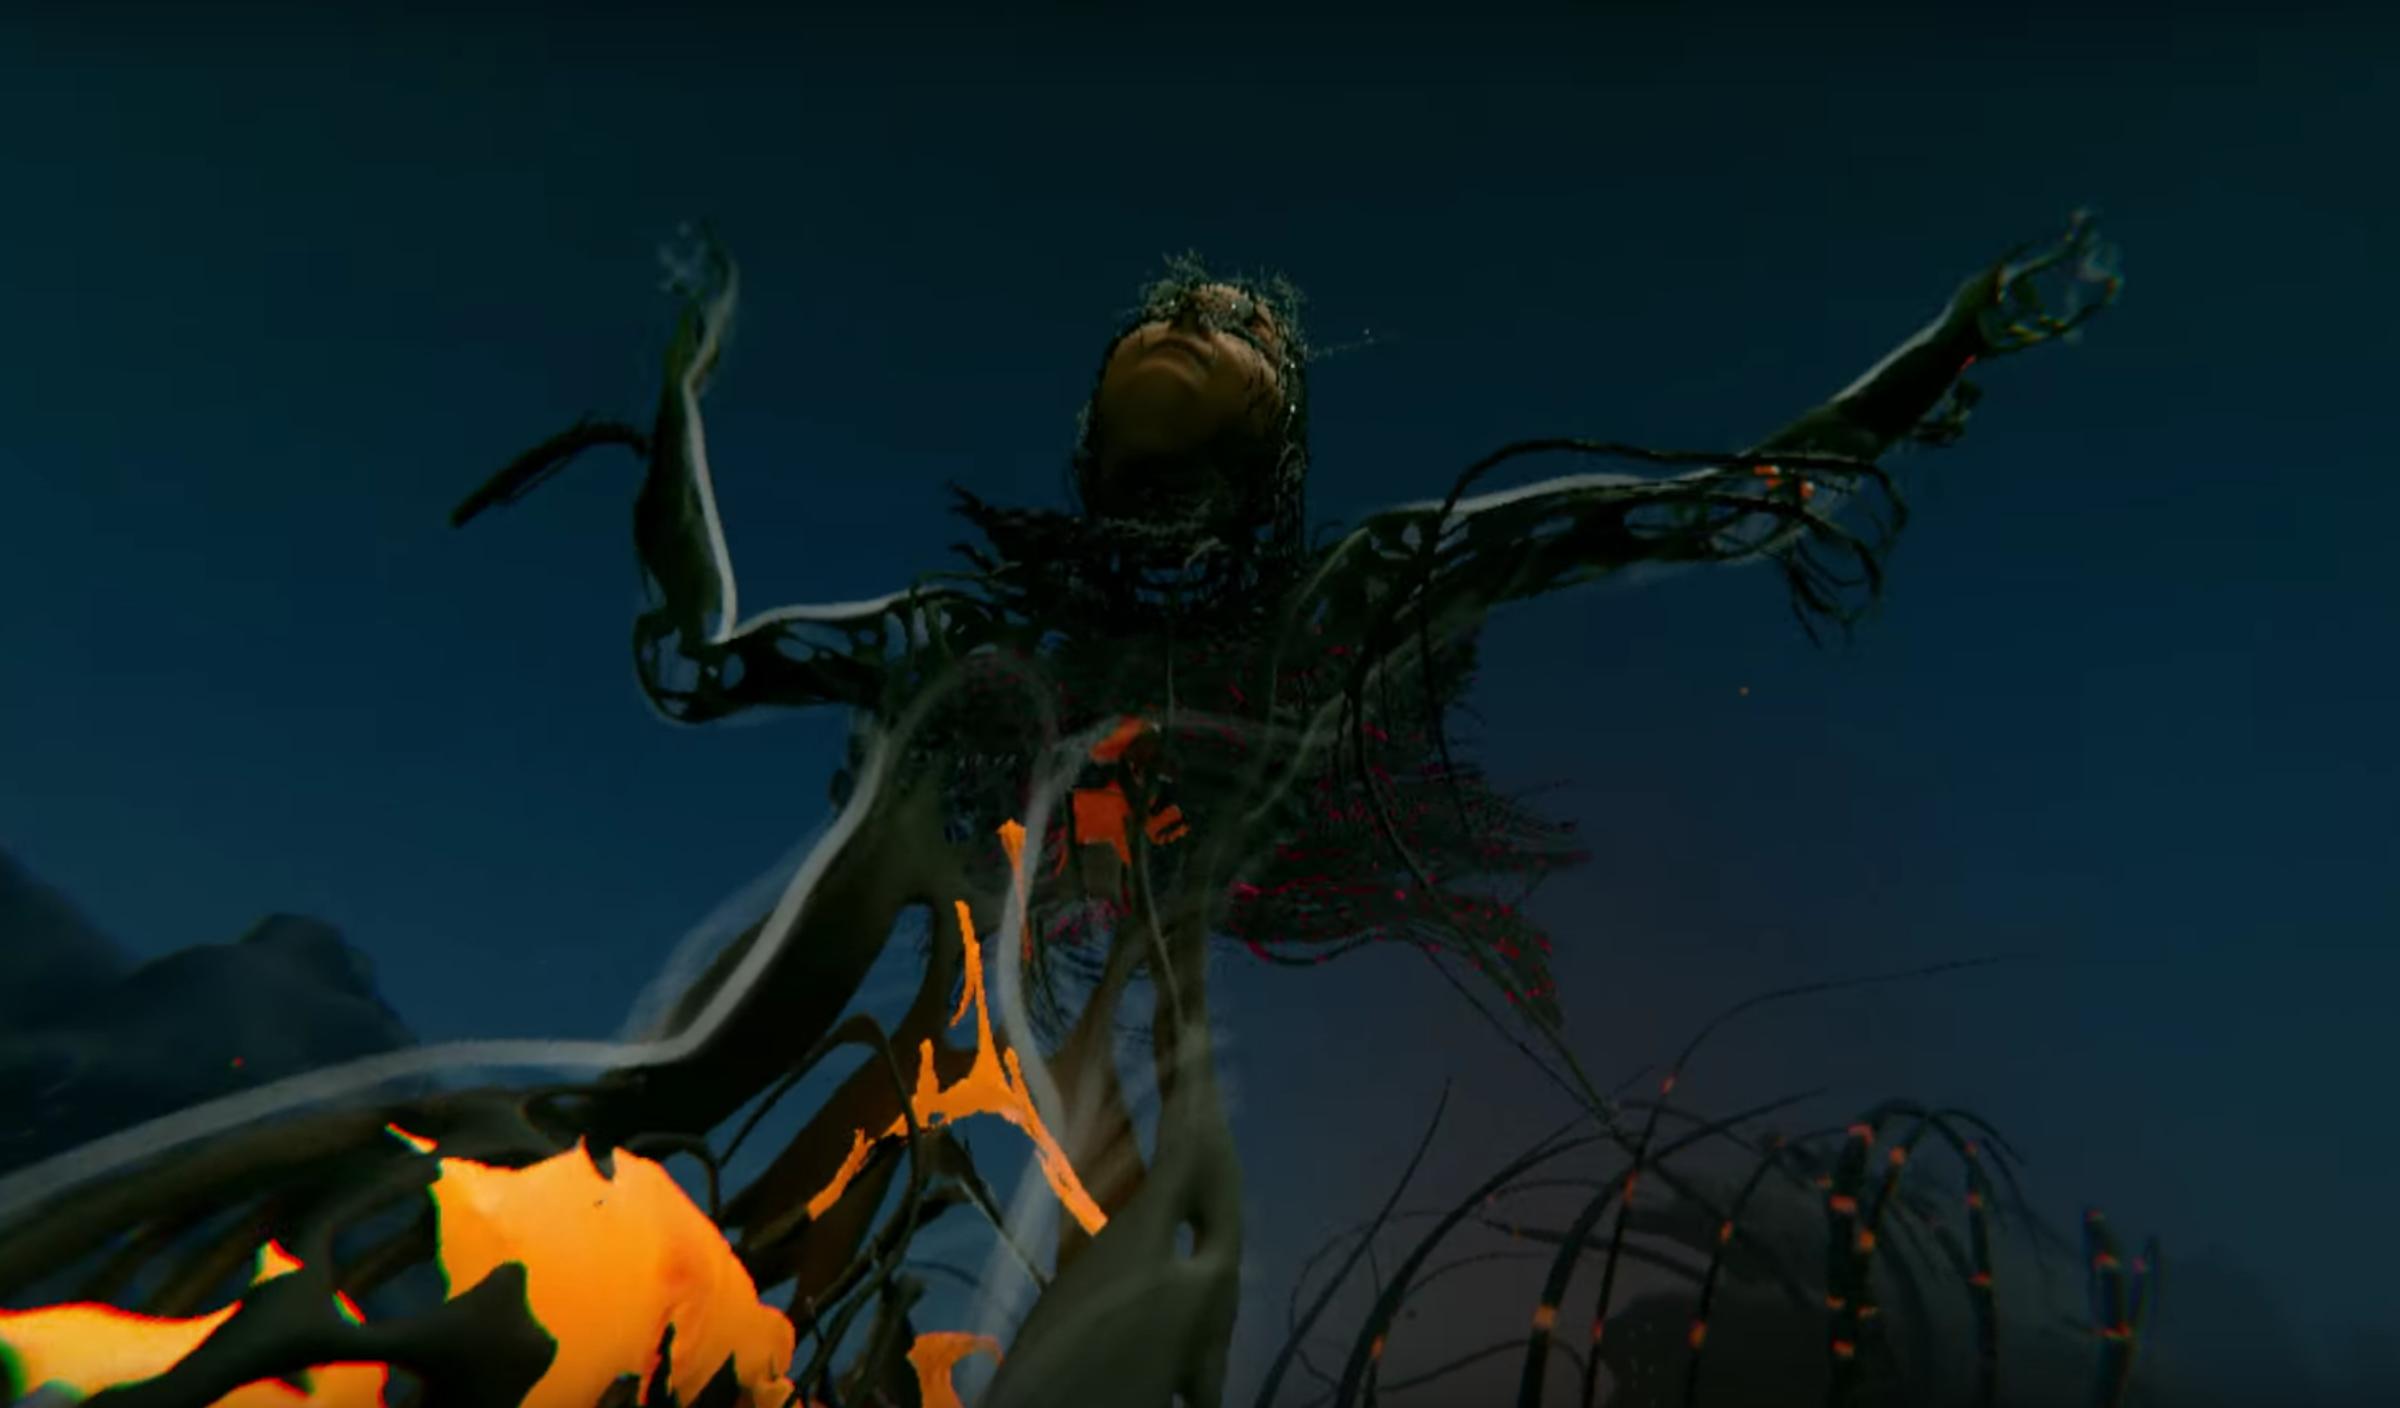 Björk shares the epic VR video for 'Notget'!